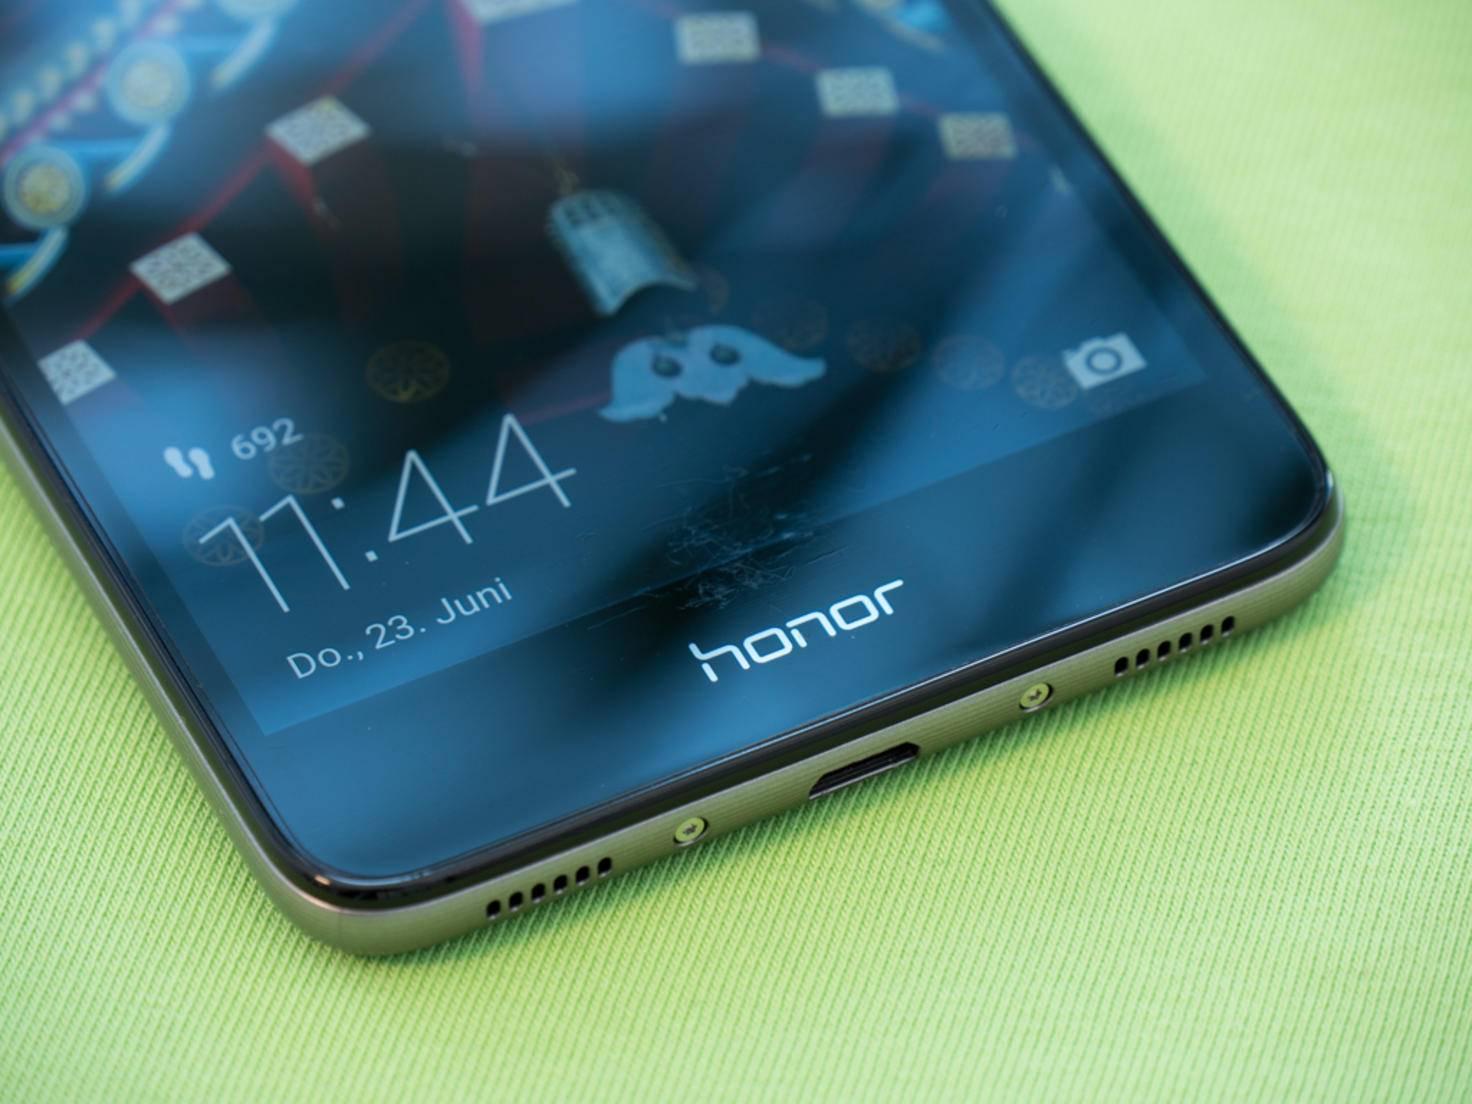 Ausgeliefert wird das Honor 5C mit Android 6.0...